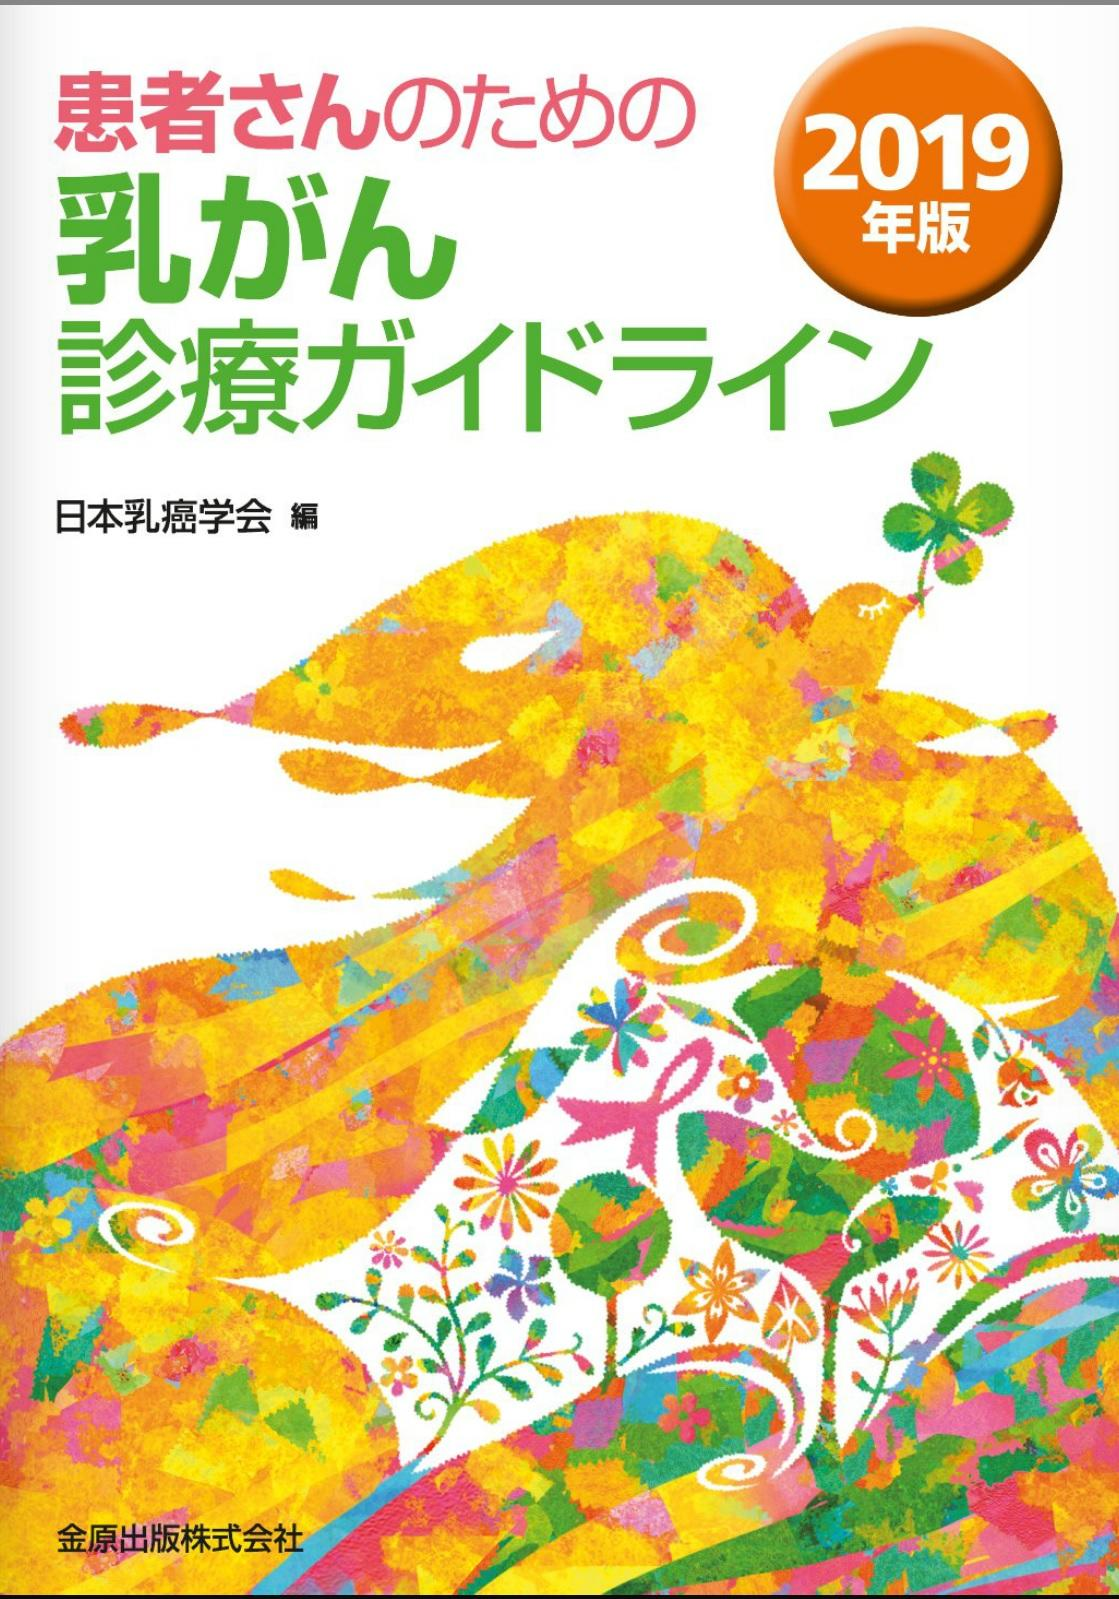 「患者さんのための乳がん診療ガイドライン」を3年ぶりに改訂(日本乳癌学会)